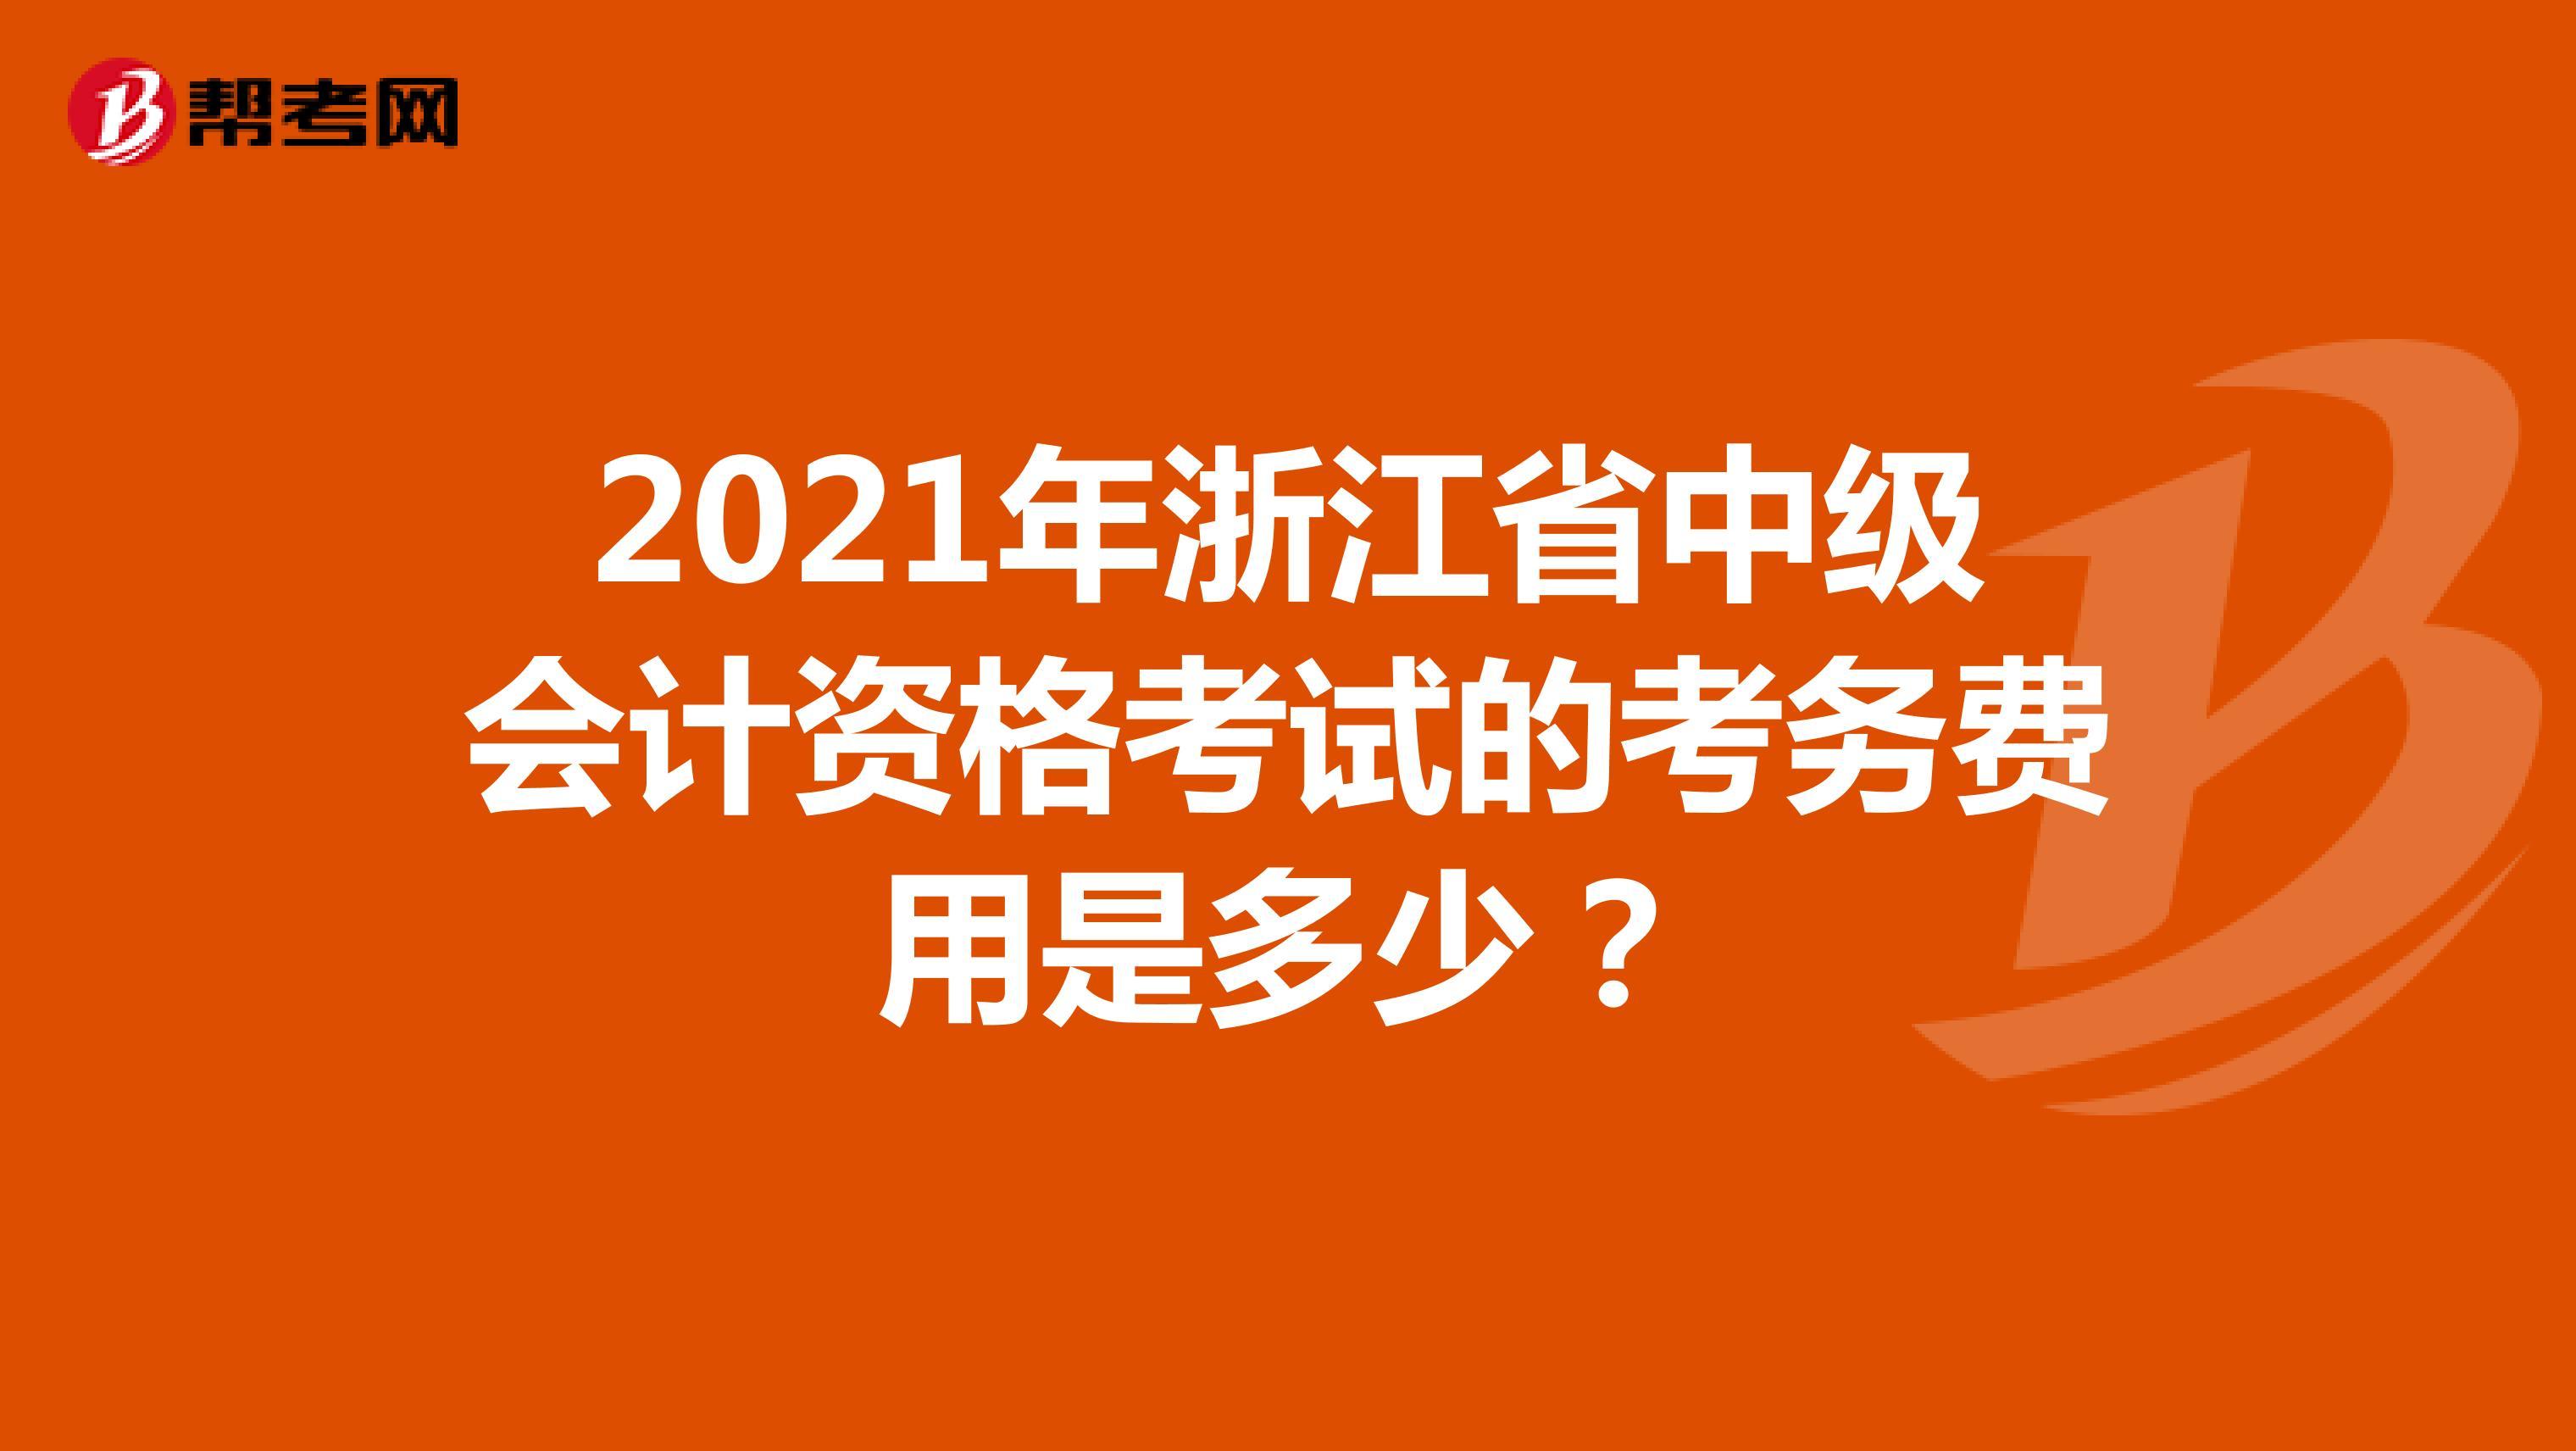 2021年浙江省中级会计资格考试的考务费用是多少?